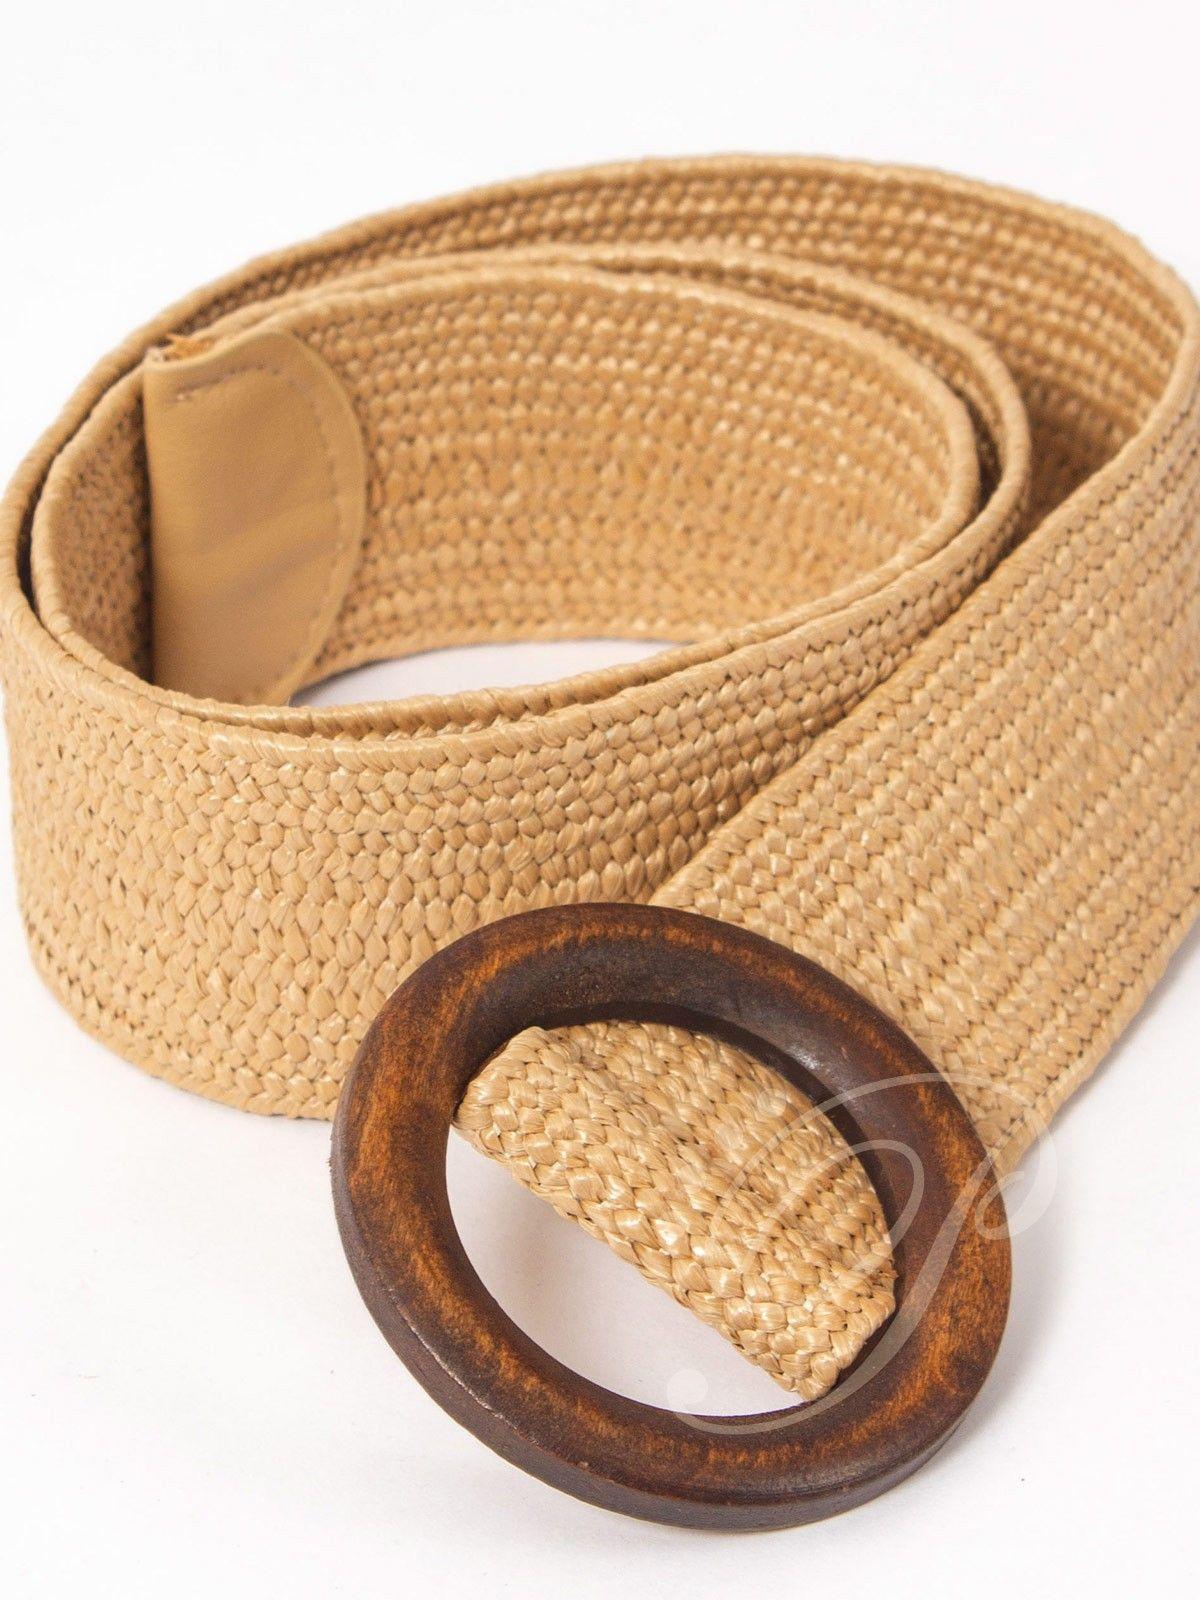 Cinturón Rafia - Cinturón todo de rafia con bordes sellados en piel y  hebilla de madera 28875aef8698